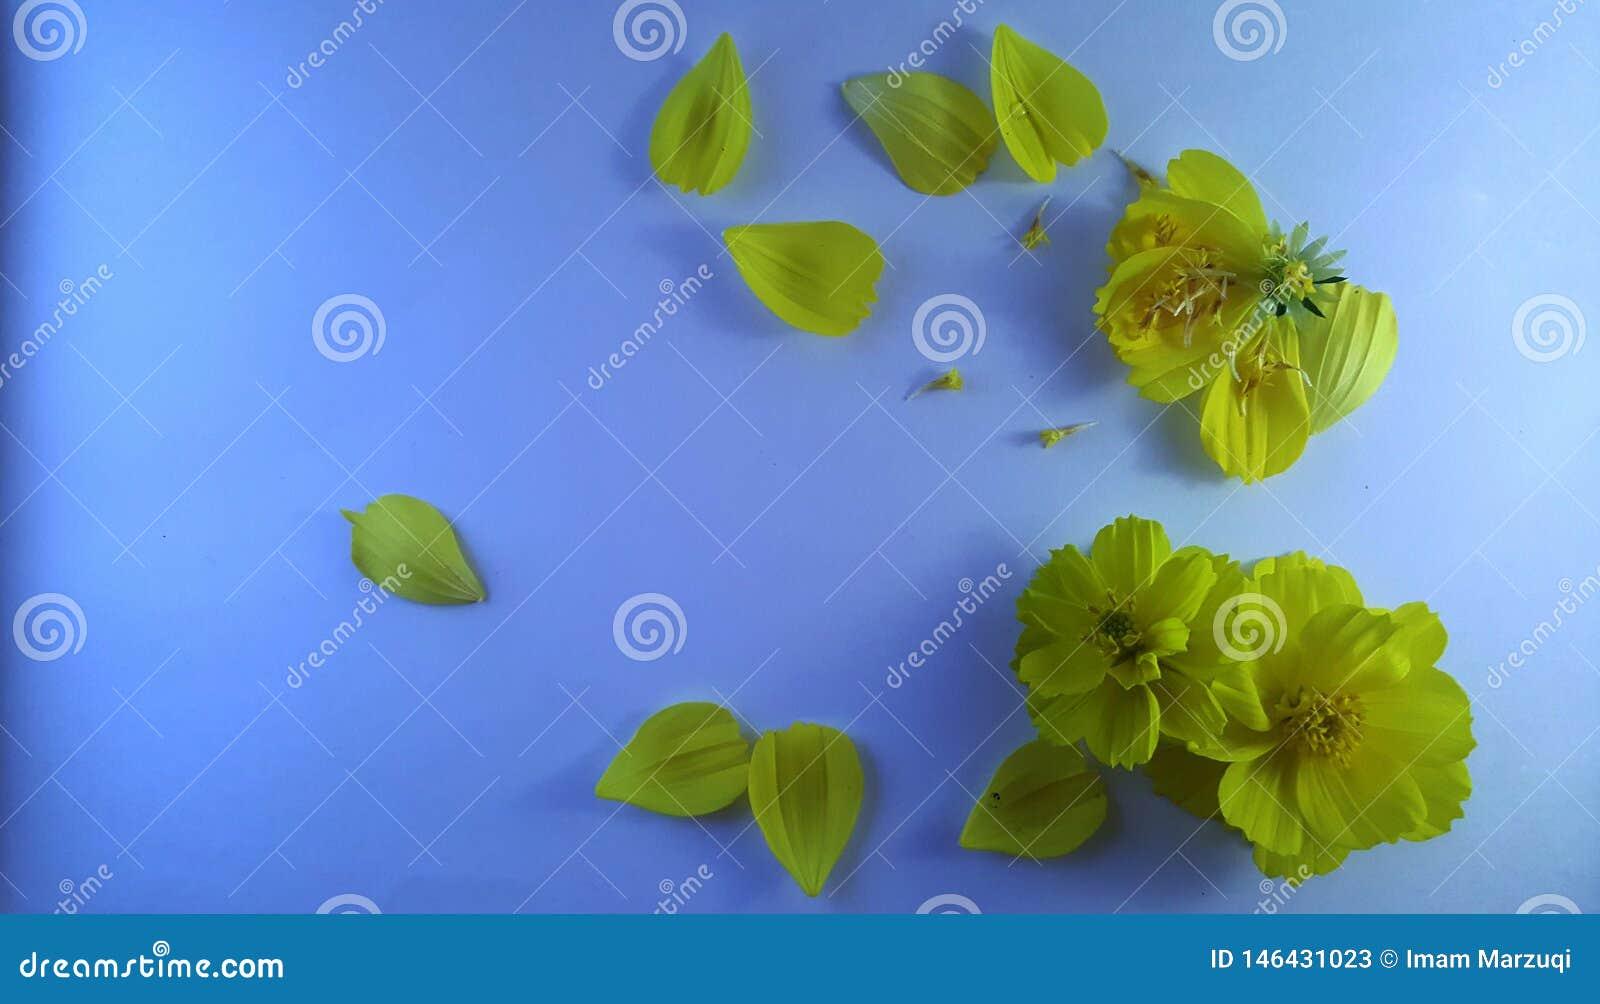 Κίτρινα λουλούδια στο μπλε κατασκευασμένο υπόβαθρο 2